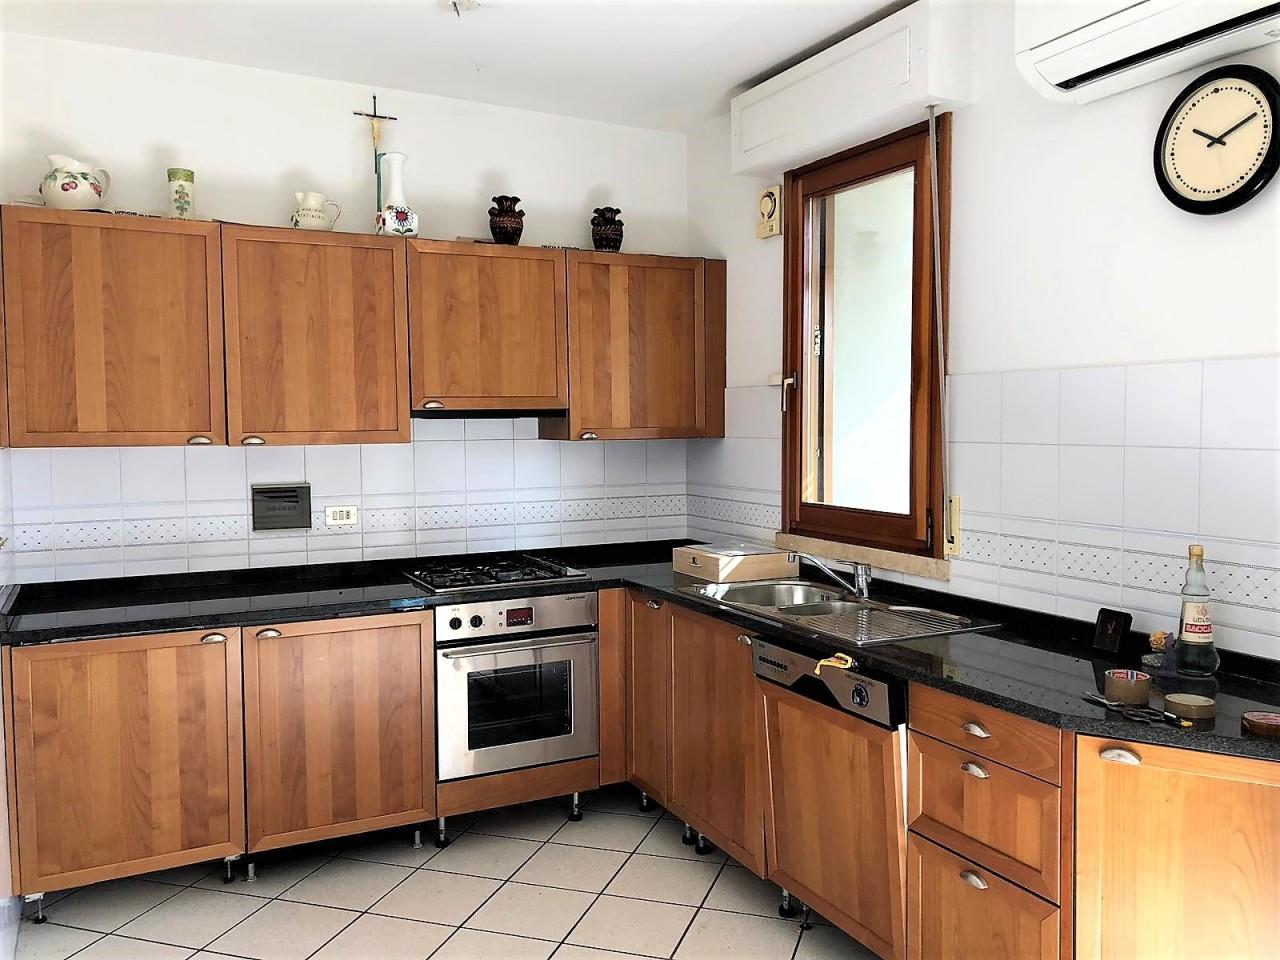 Appartamento - Quadrilocale a Repubblica, Prato